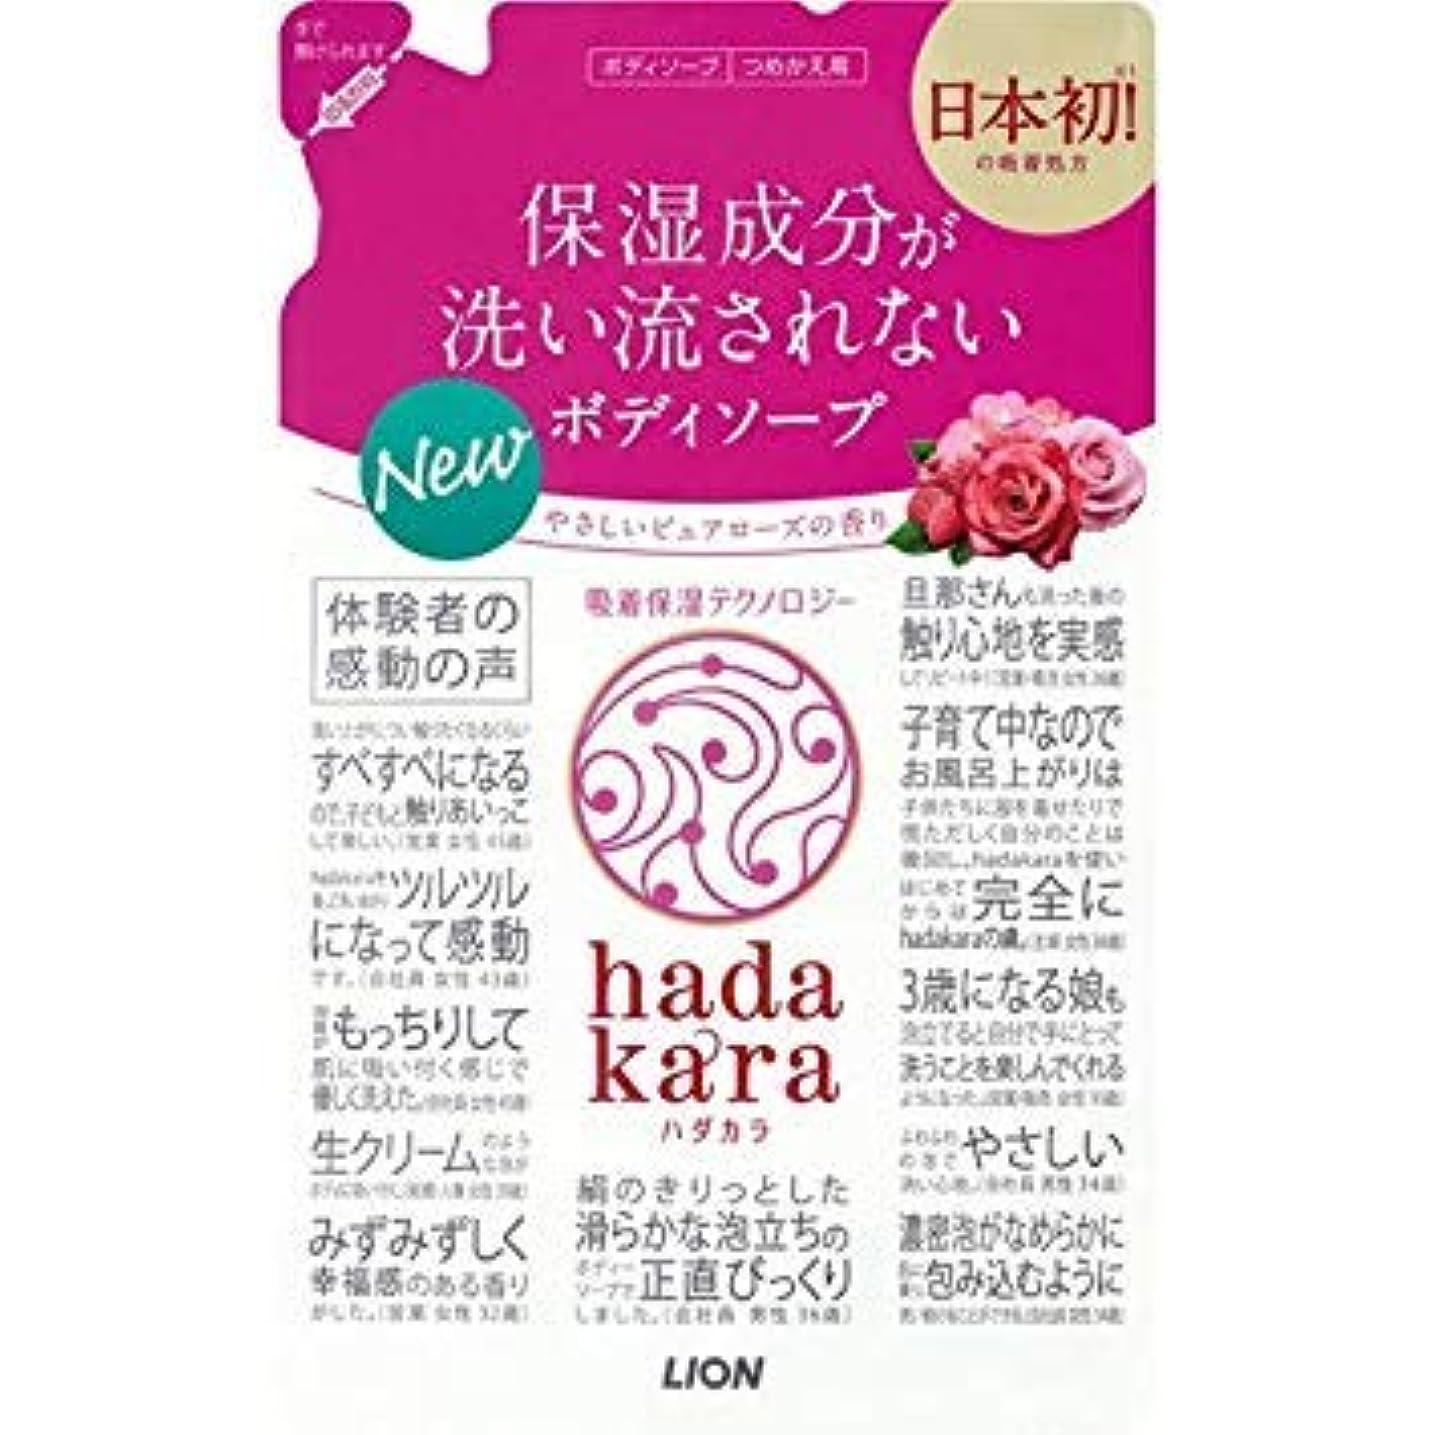 持続的ジョグ電気のhadakara(ハダカラ) ボディソープ ピュアローズの香り 詰め替え 360ml×16個